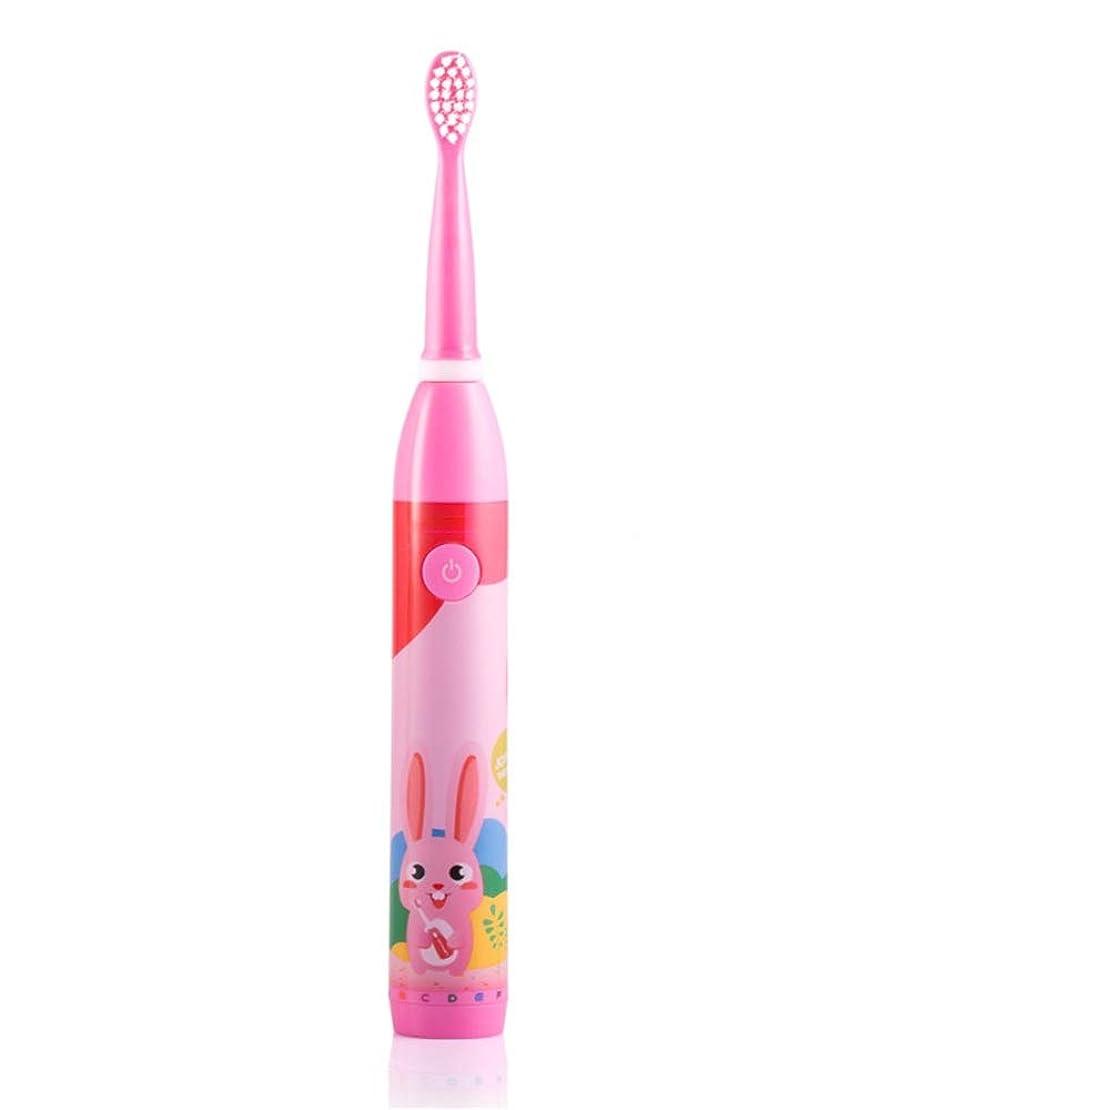 設計トレーダー即席電動歯ブラシ 子供のための適切な子供の電動歯ブラシUSB充電式防水歯ブラシ日常の使用のための2-5歳 大人と子供向け (色 : ピンク, サイズ : Free size)